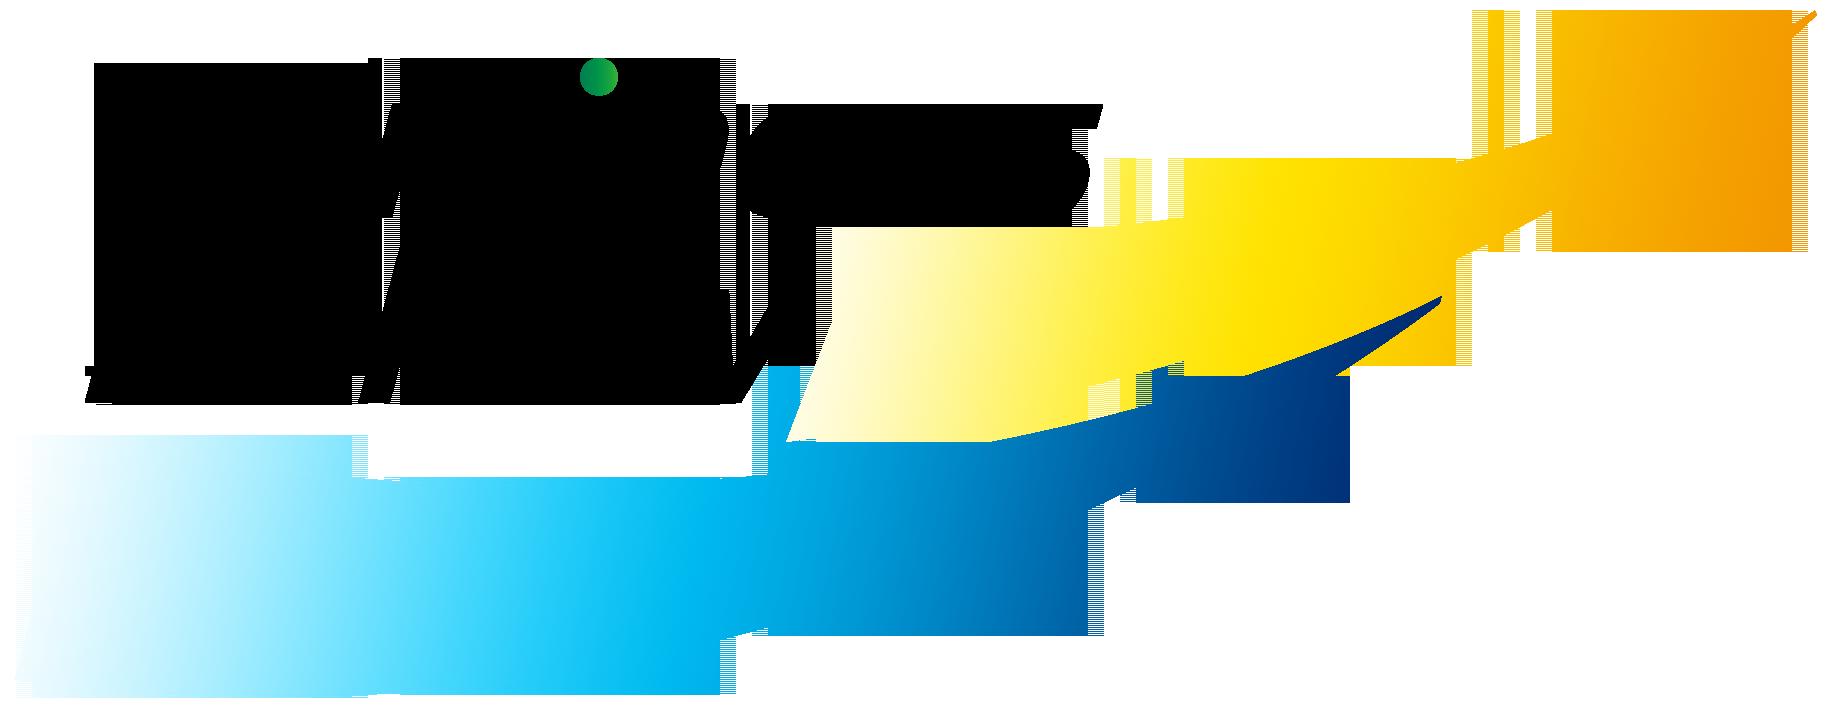 経営コンサルタントとロゴタイプ(文字のみのデザイン)と黄のロゴ